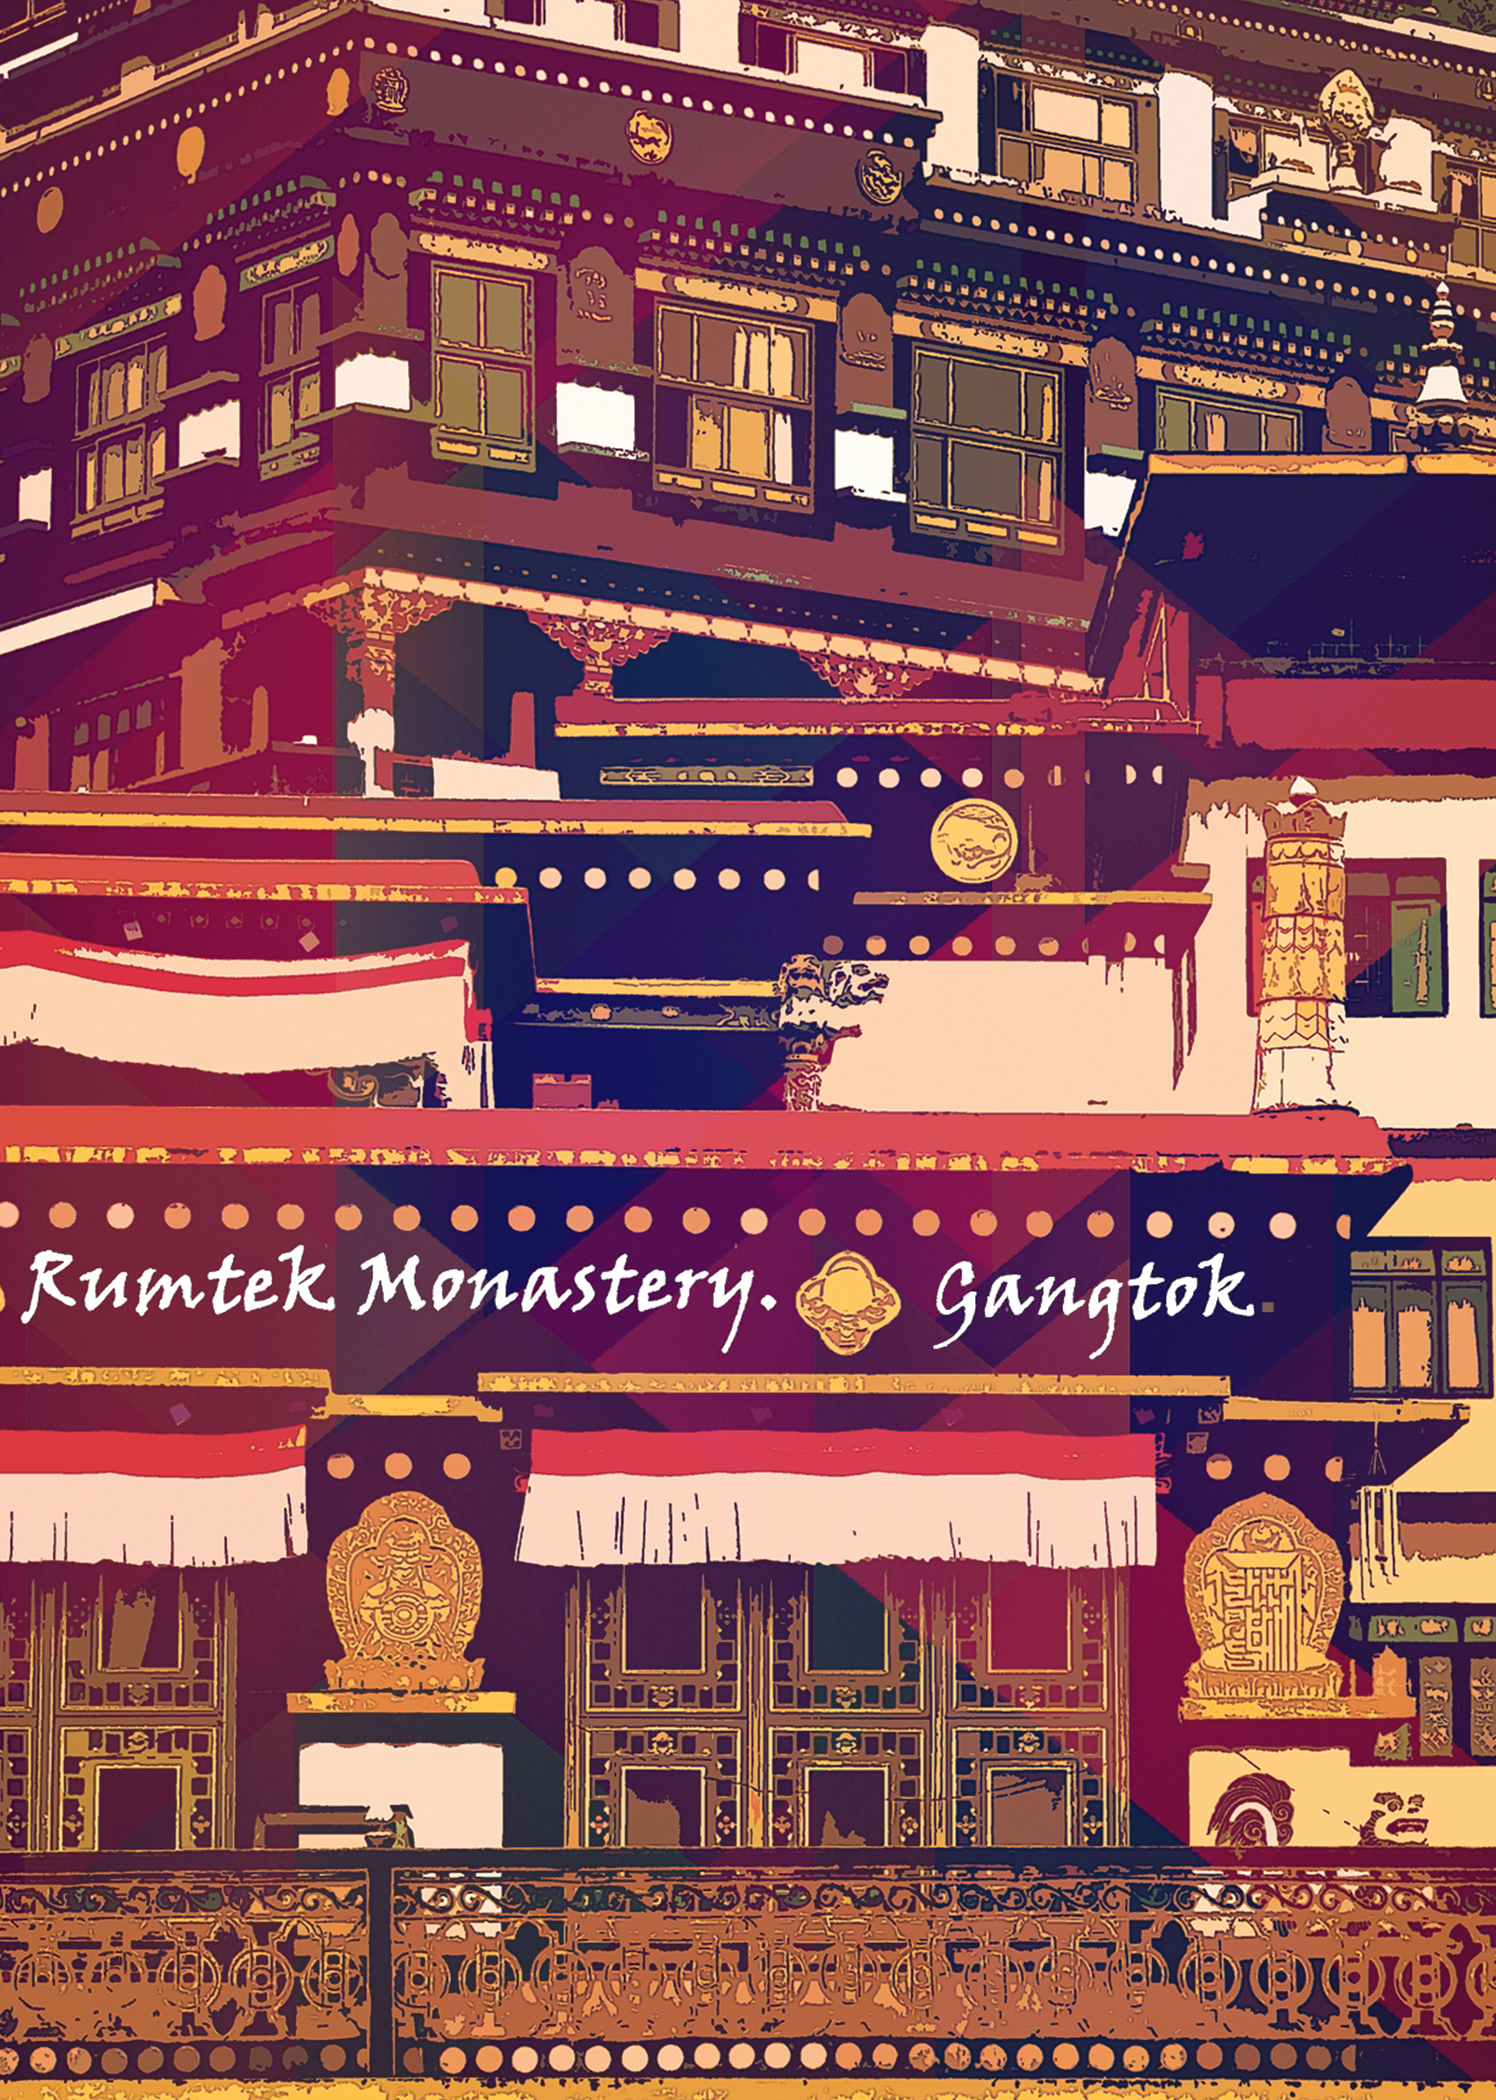 RumtekMonastrery_Postcard_Front_7x5in